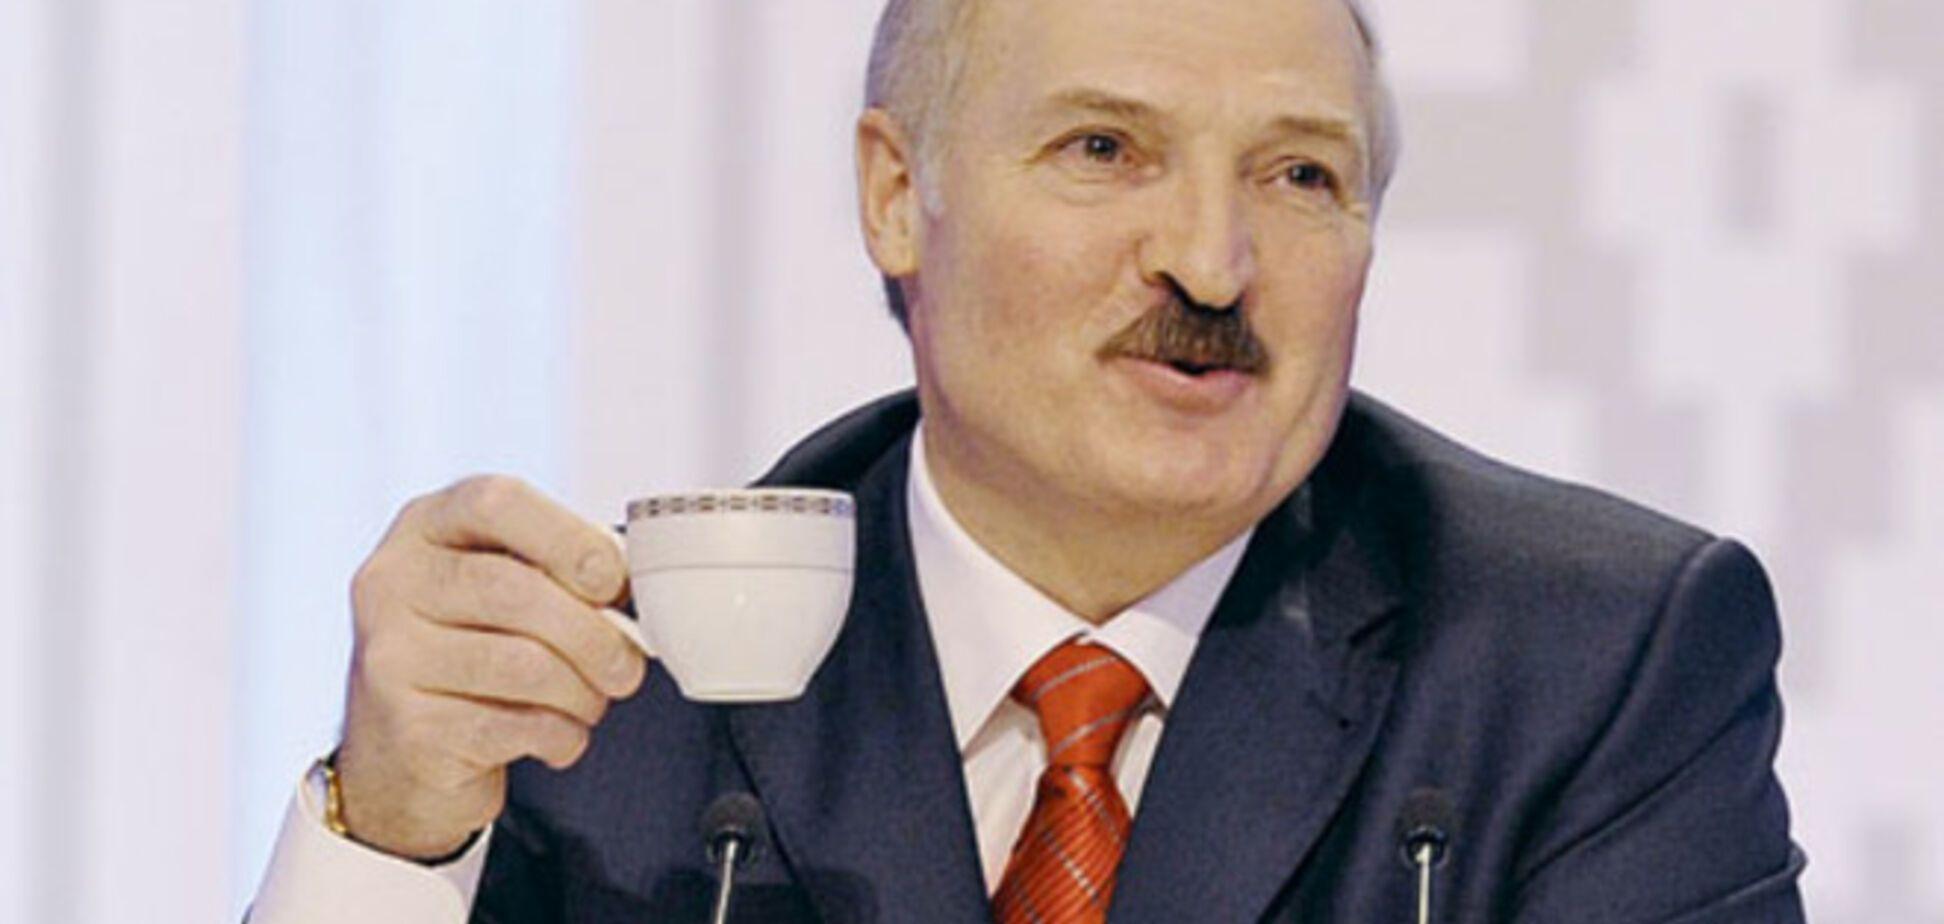 Лукашенко похвастался белорусскими продуктами: в нашей колбасе никогда не было туалетной бумаги, в отличие от российской